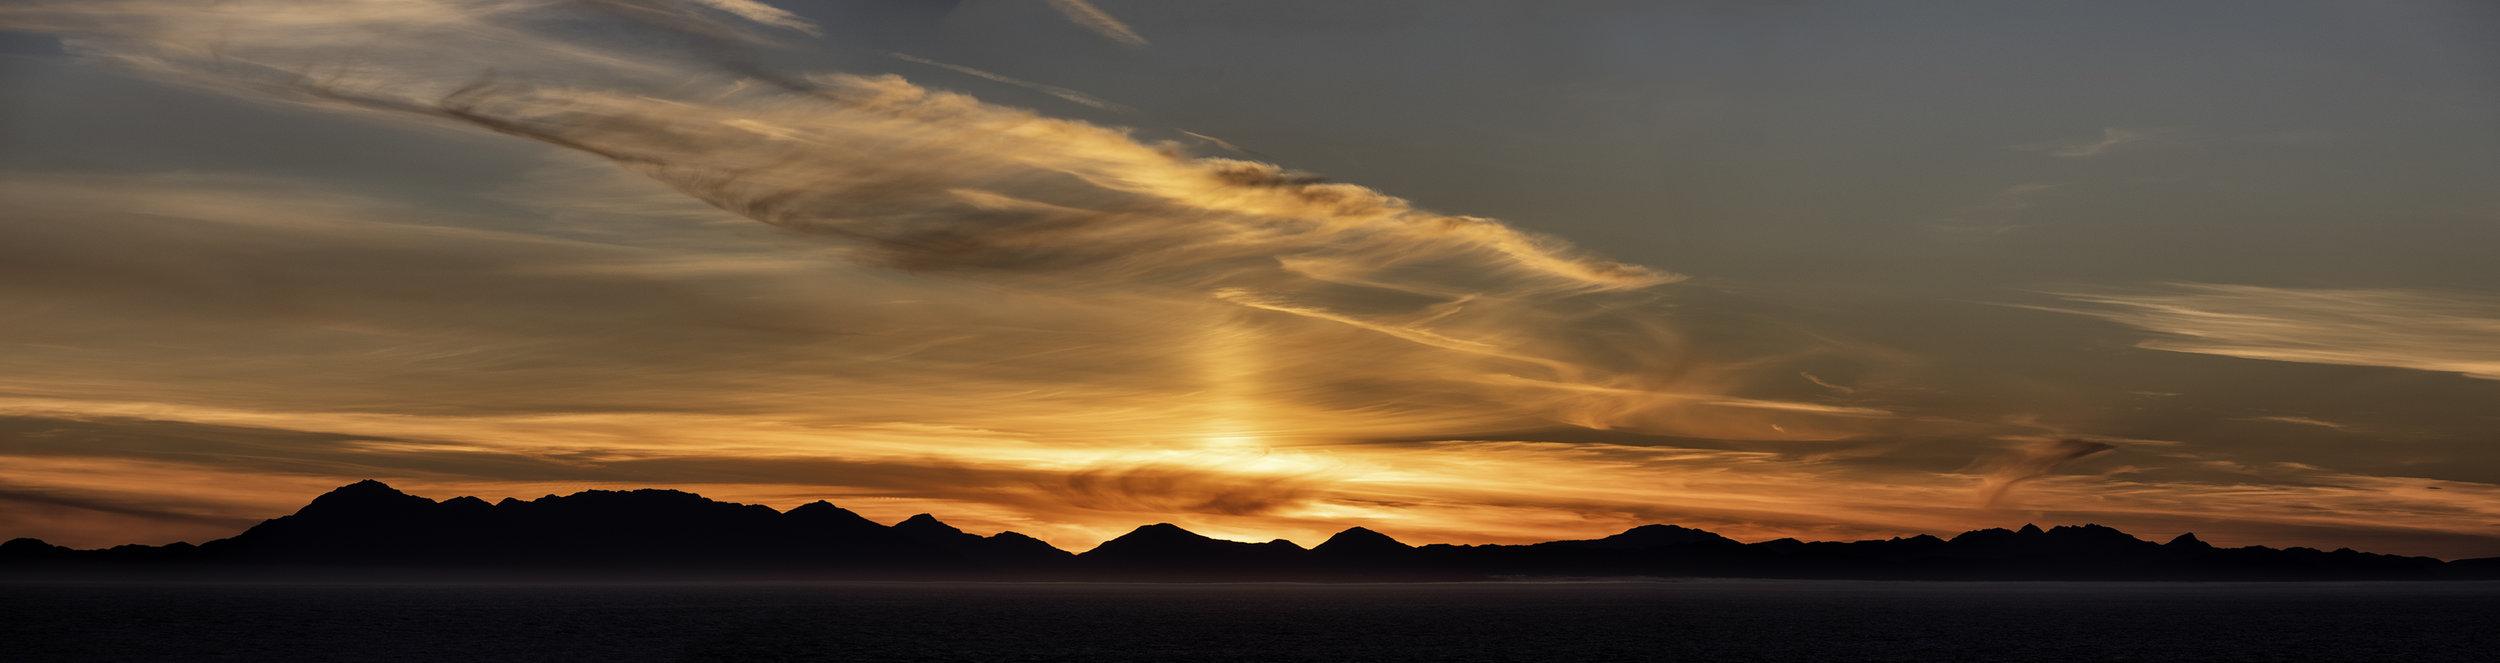 Inside Passage Sunset